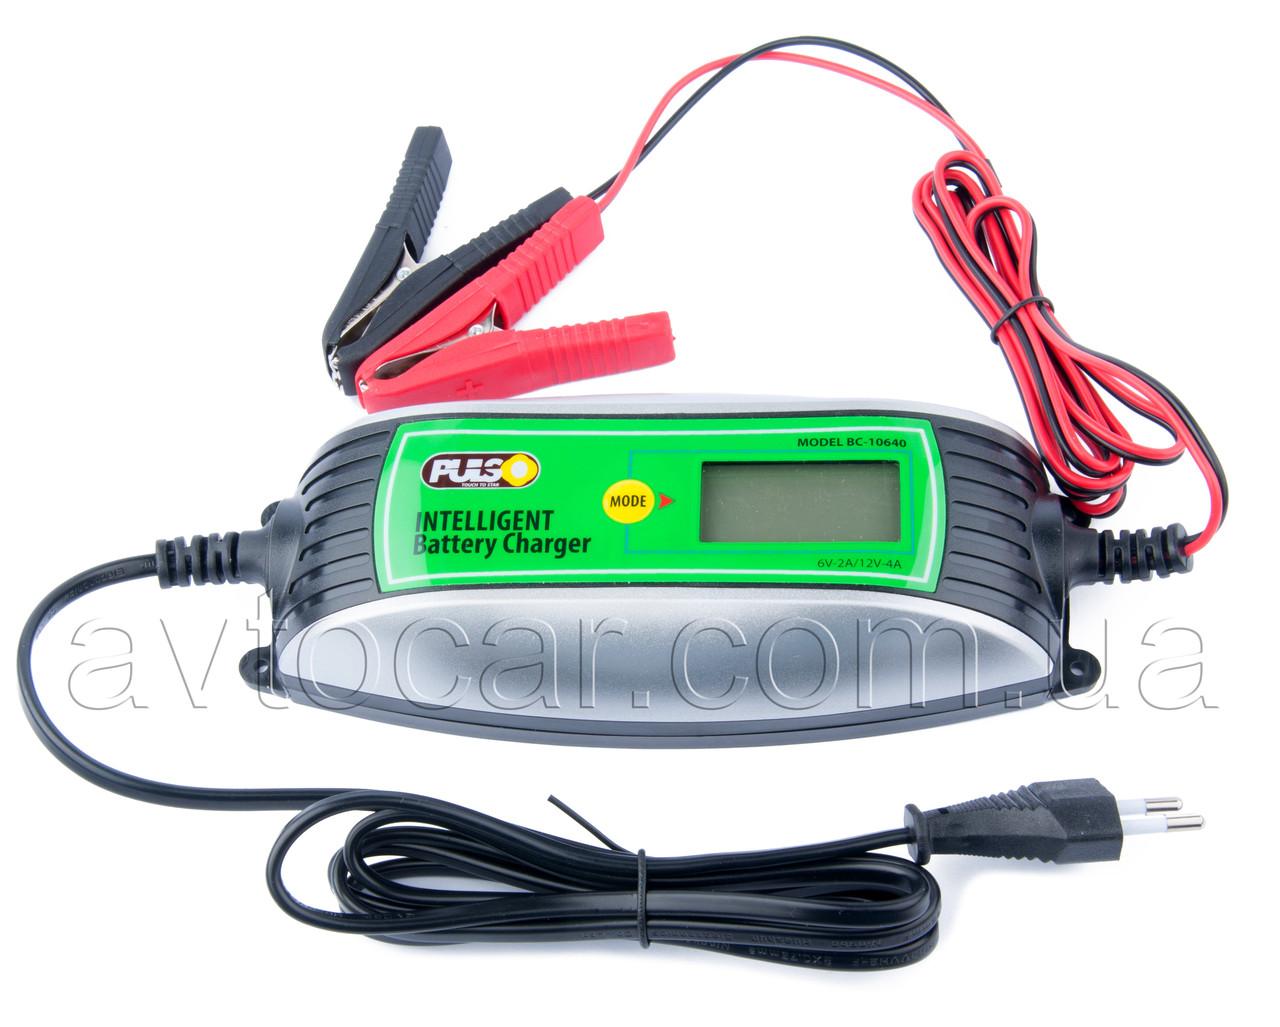 Автоматическое зарядное устройство Pulso BC-10640